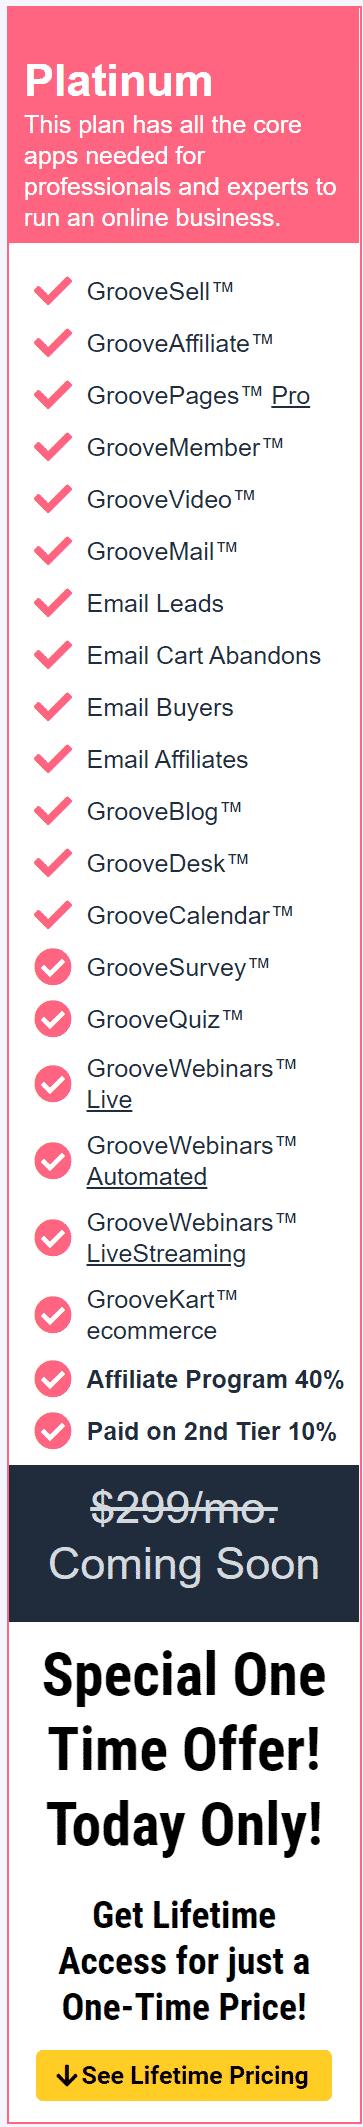 GrooveFunnels Platinum Plan